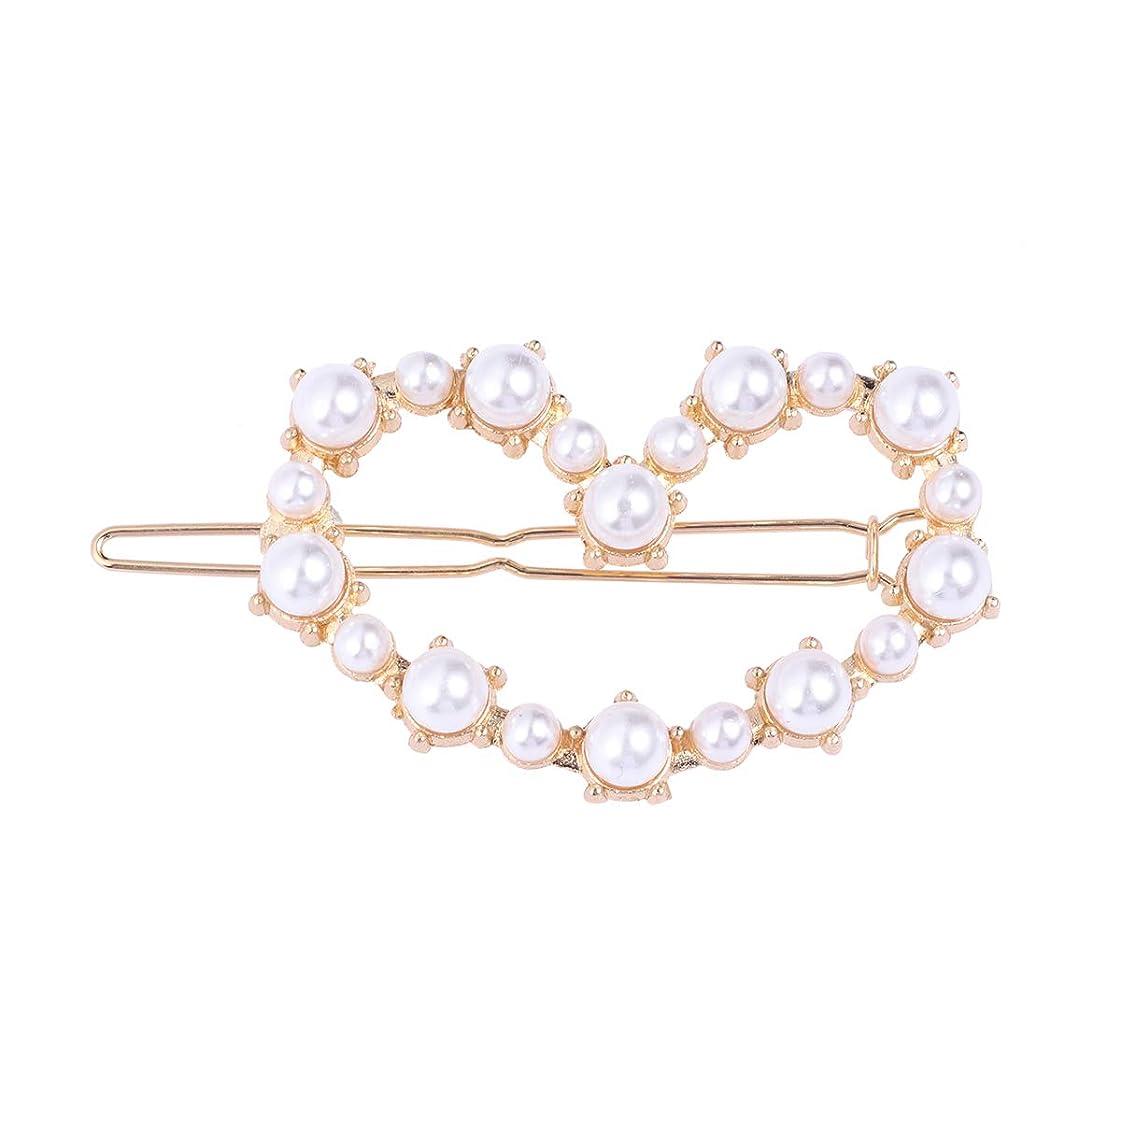 独立して乱雑な逮捕Lurrose 女性の女の子のための真珠のヘアクリップ幾何学的なハートボビーピンラインストーンバレット